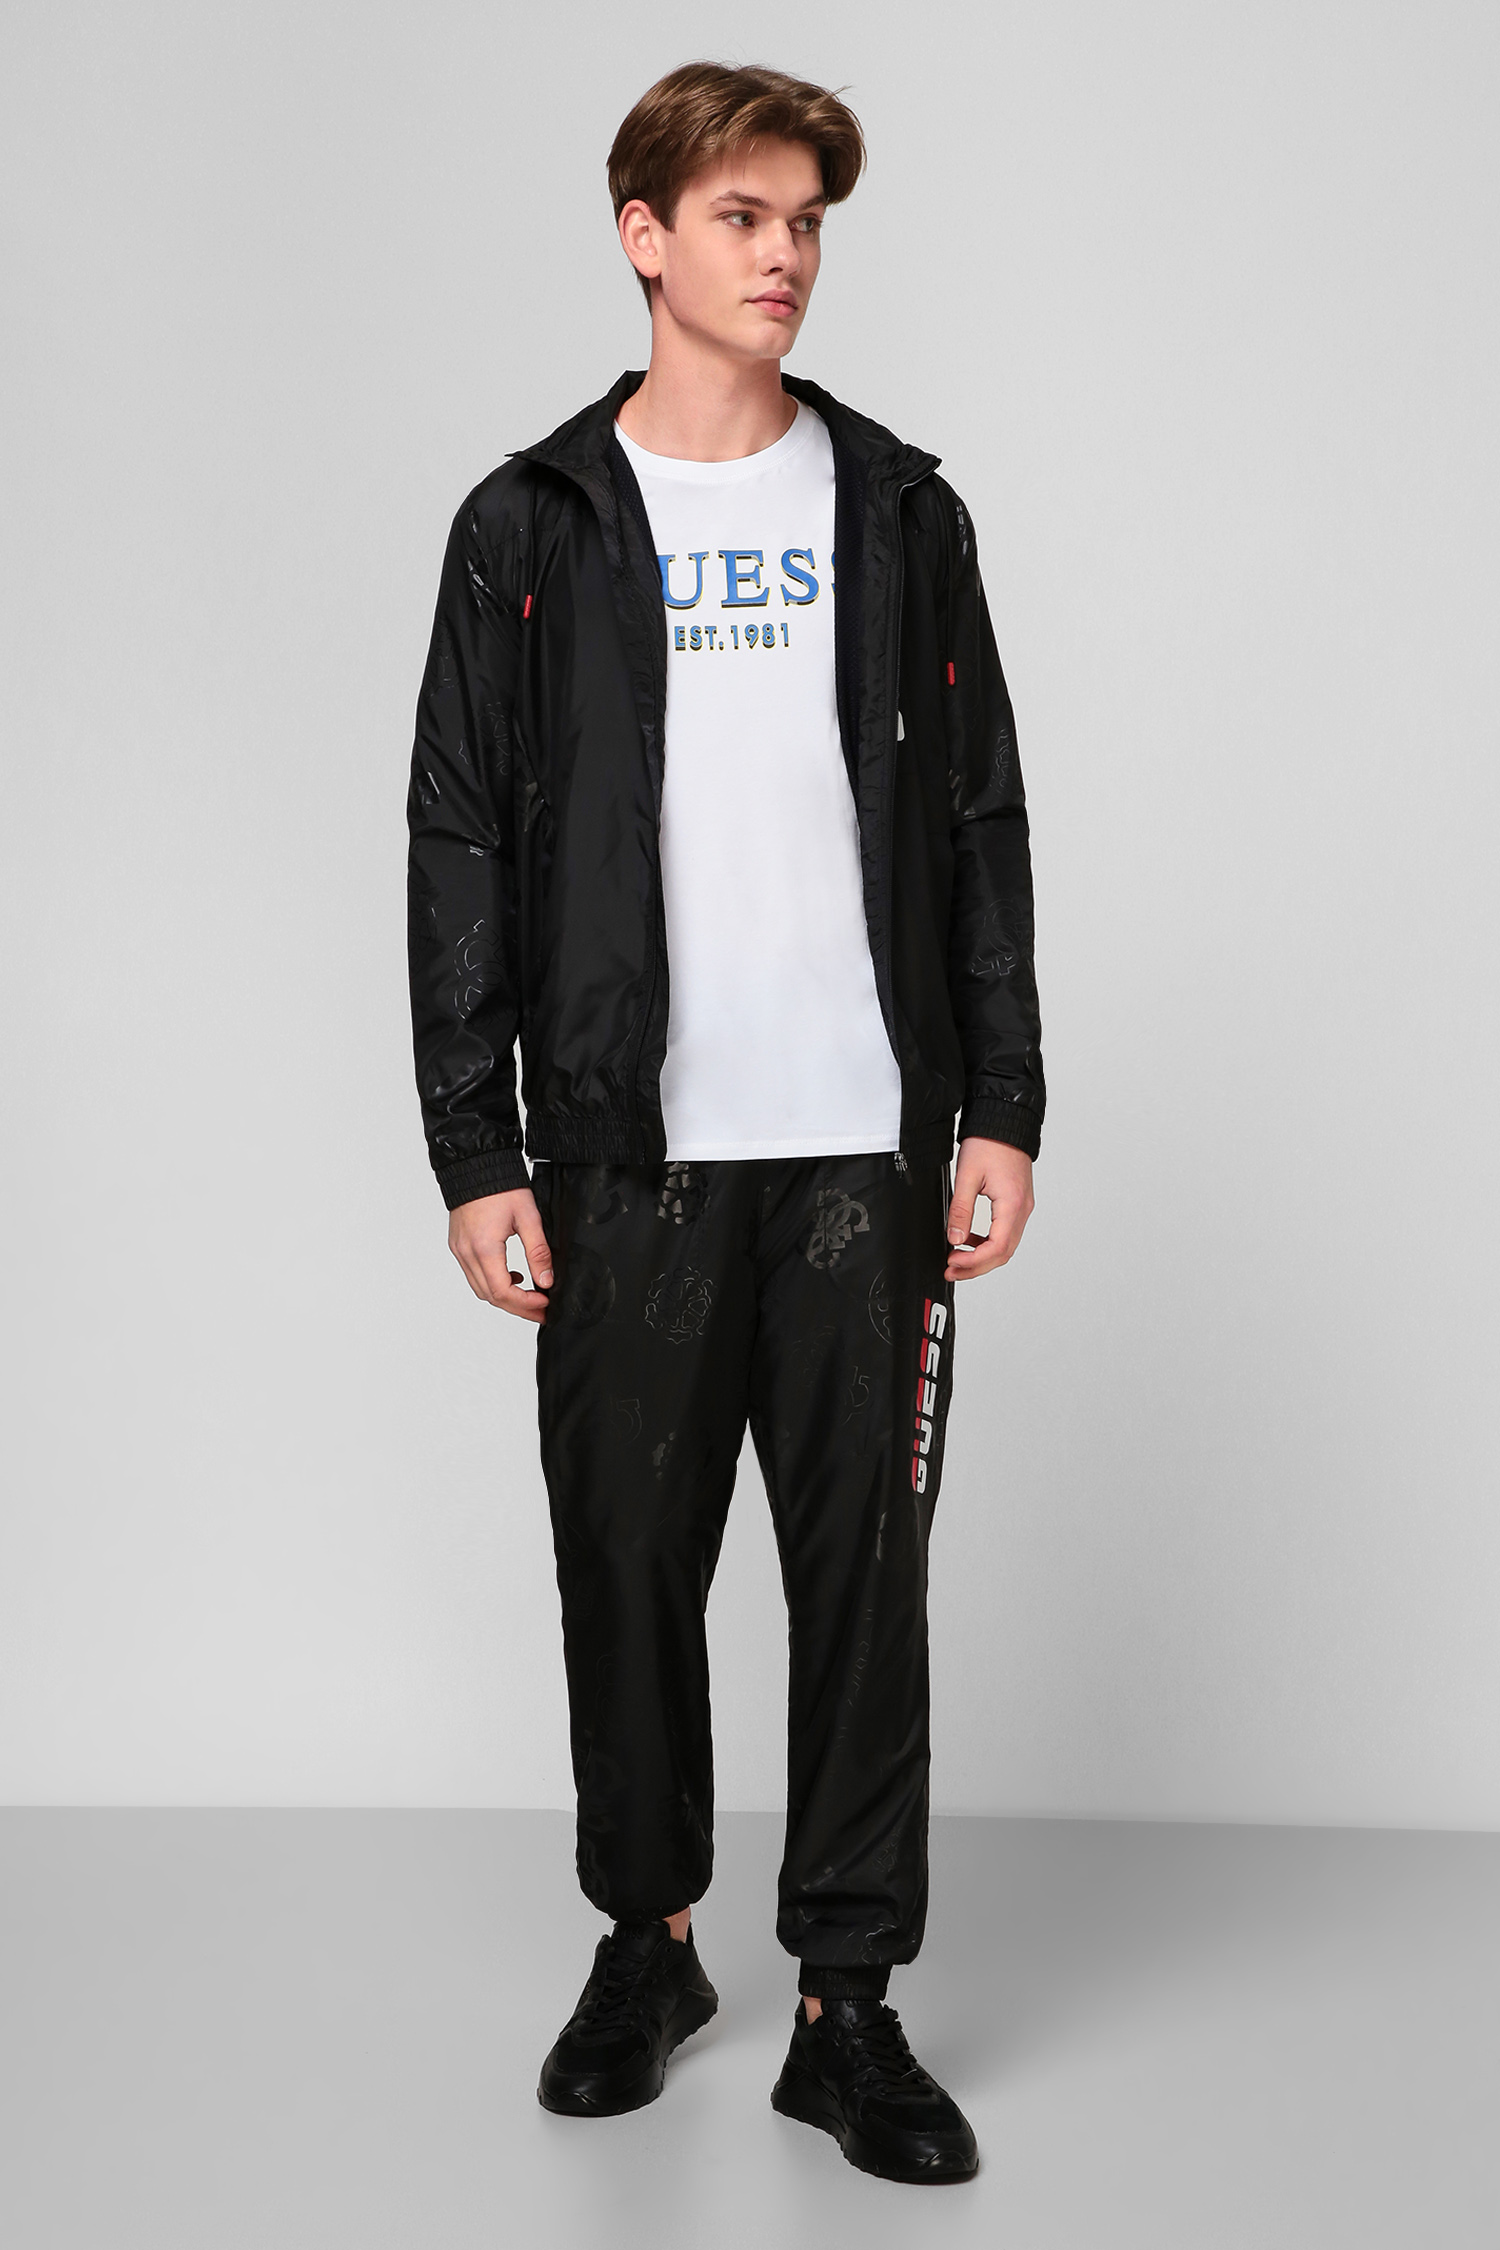 Черные спортивные брюки для парней Guess U0BA46.WDFH0;JBLK